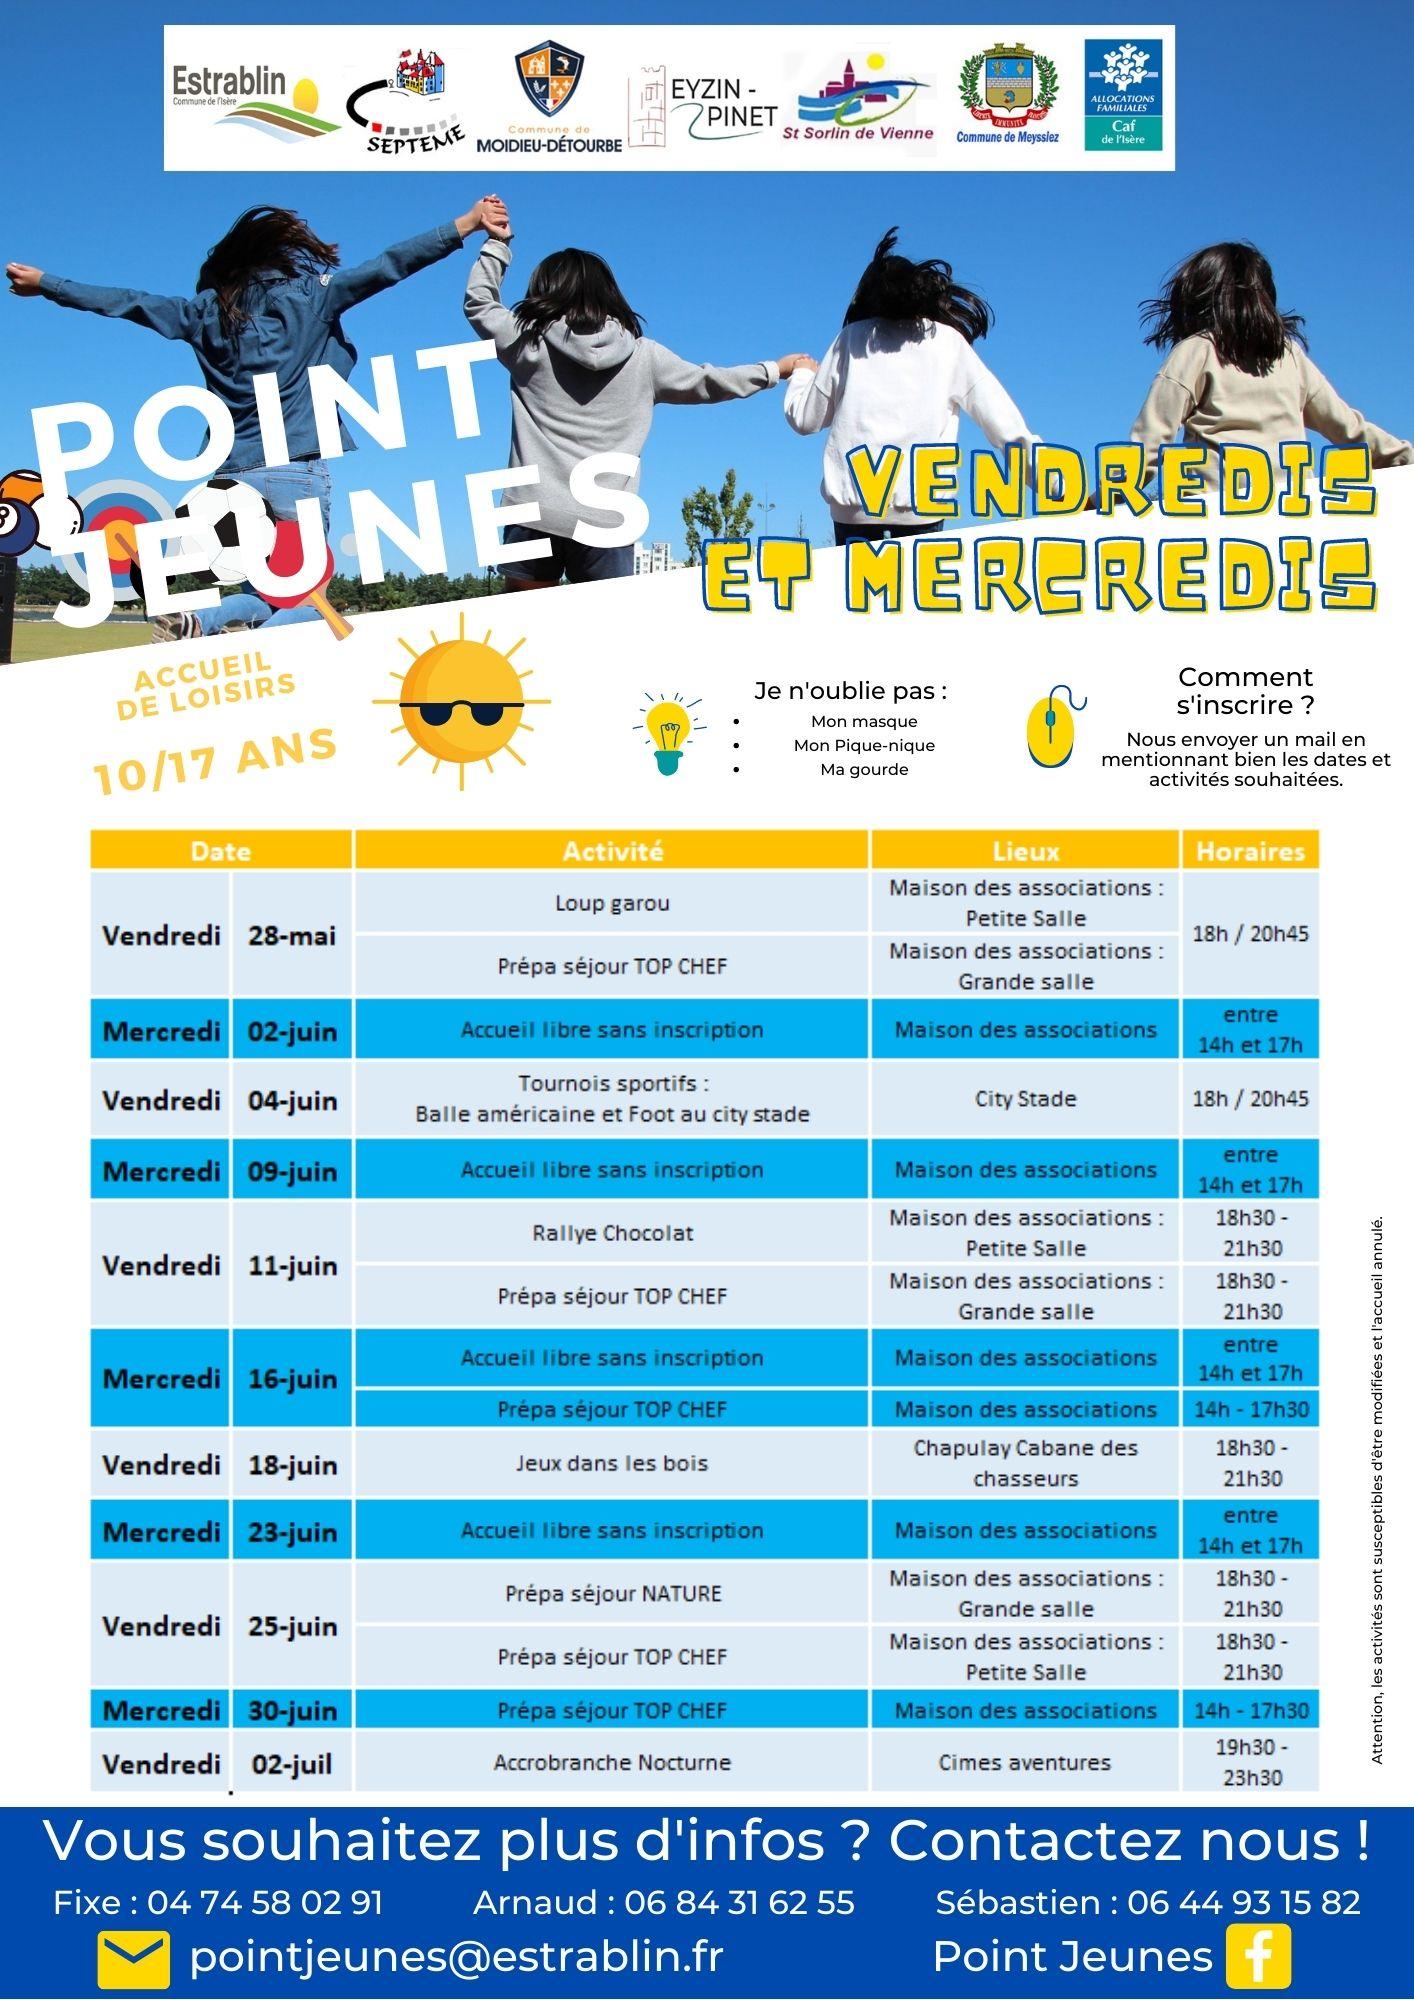 2021-05-22 Programme Mercredis/Vendredis JUIN 2021 - Pt Jeunes